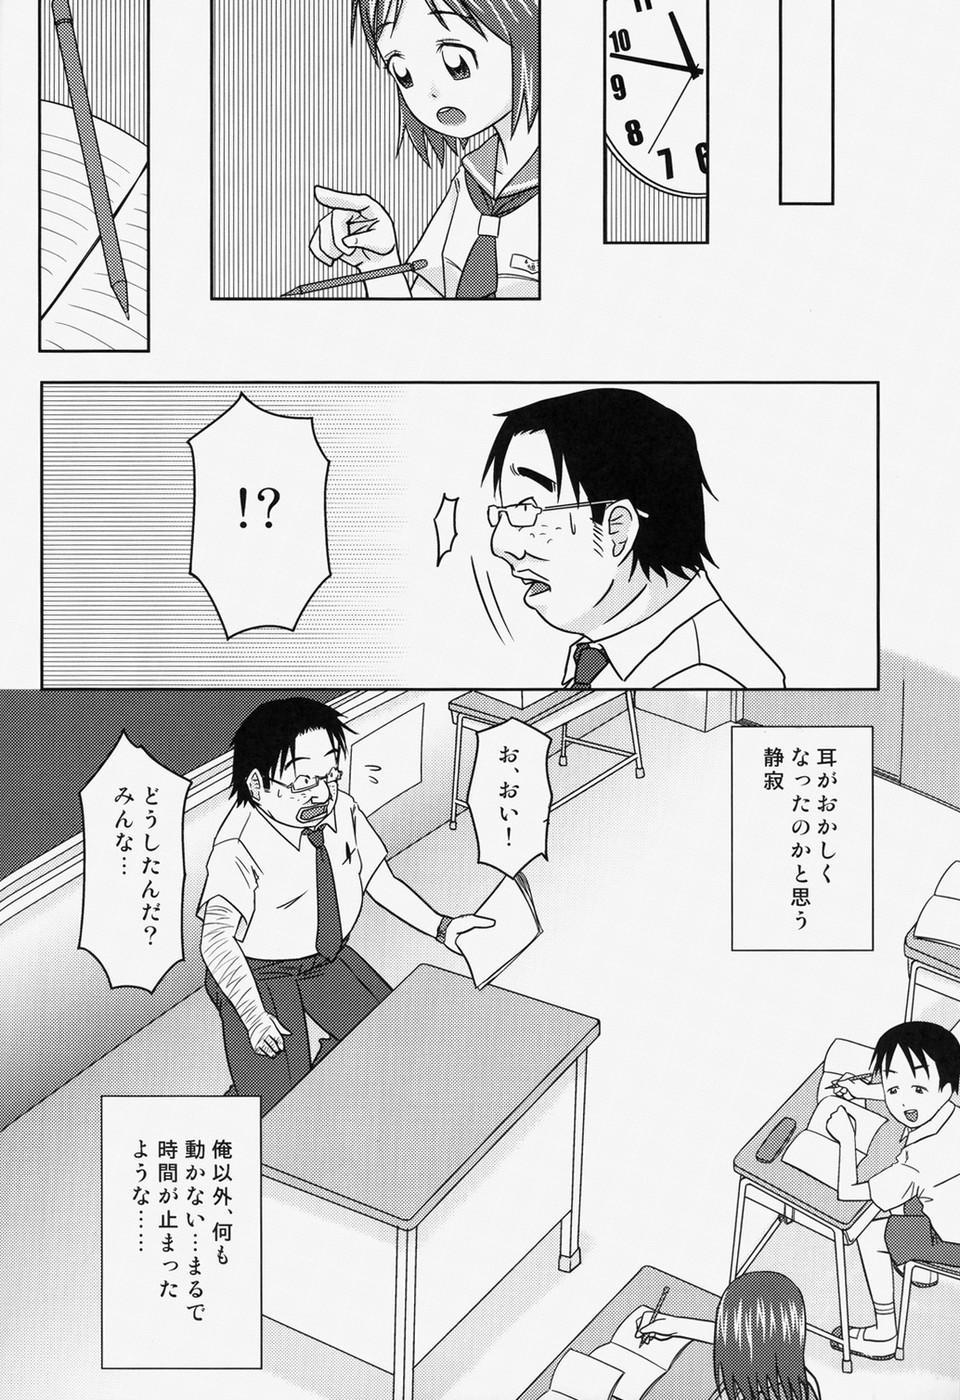 Moshimo Jikan ga Tomattara!? 2 Byou 4